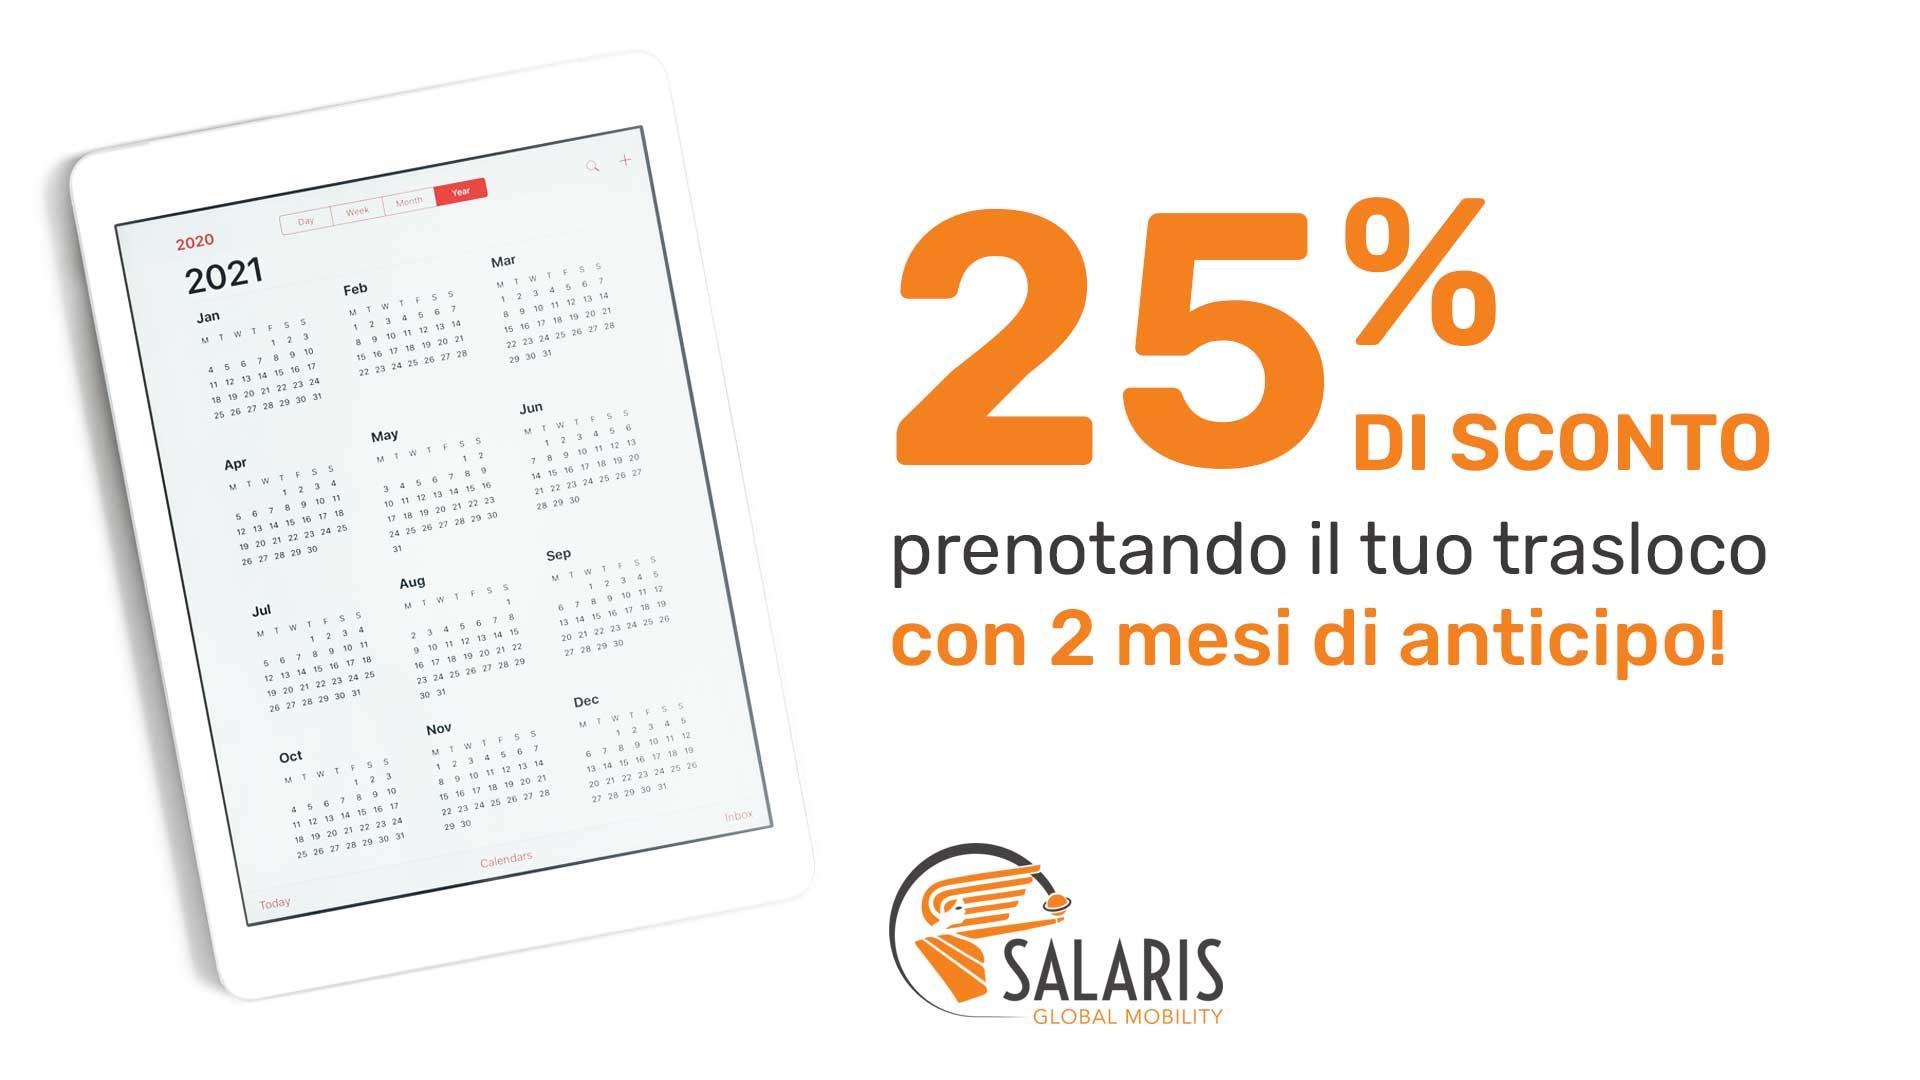 Immagine un calendario che descrive il servizio di trasloco della Salaris Global Mobility